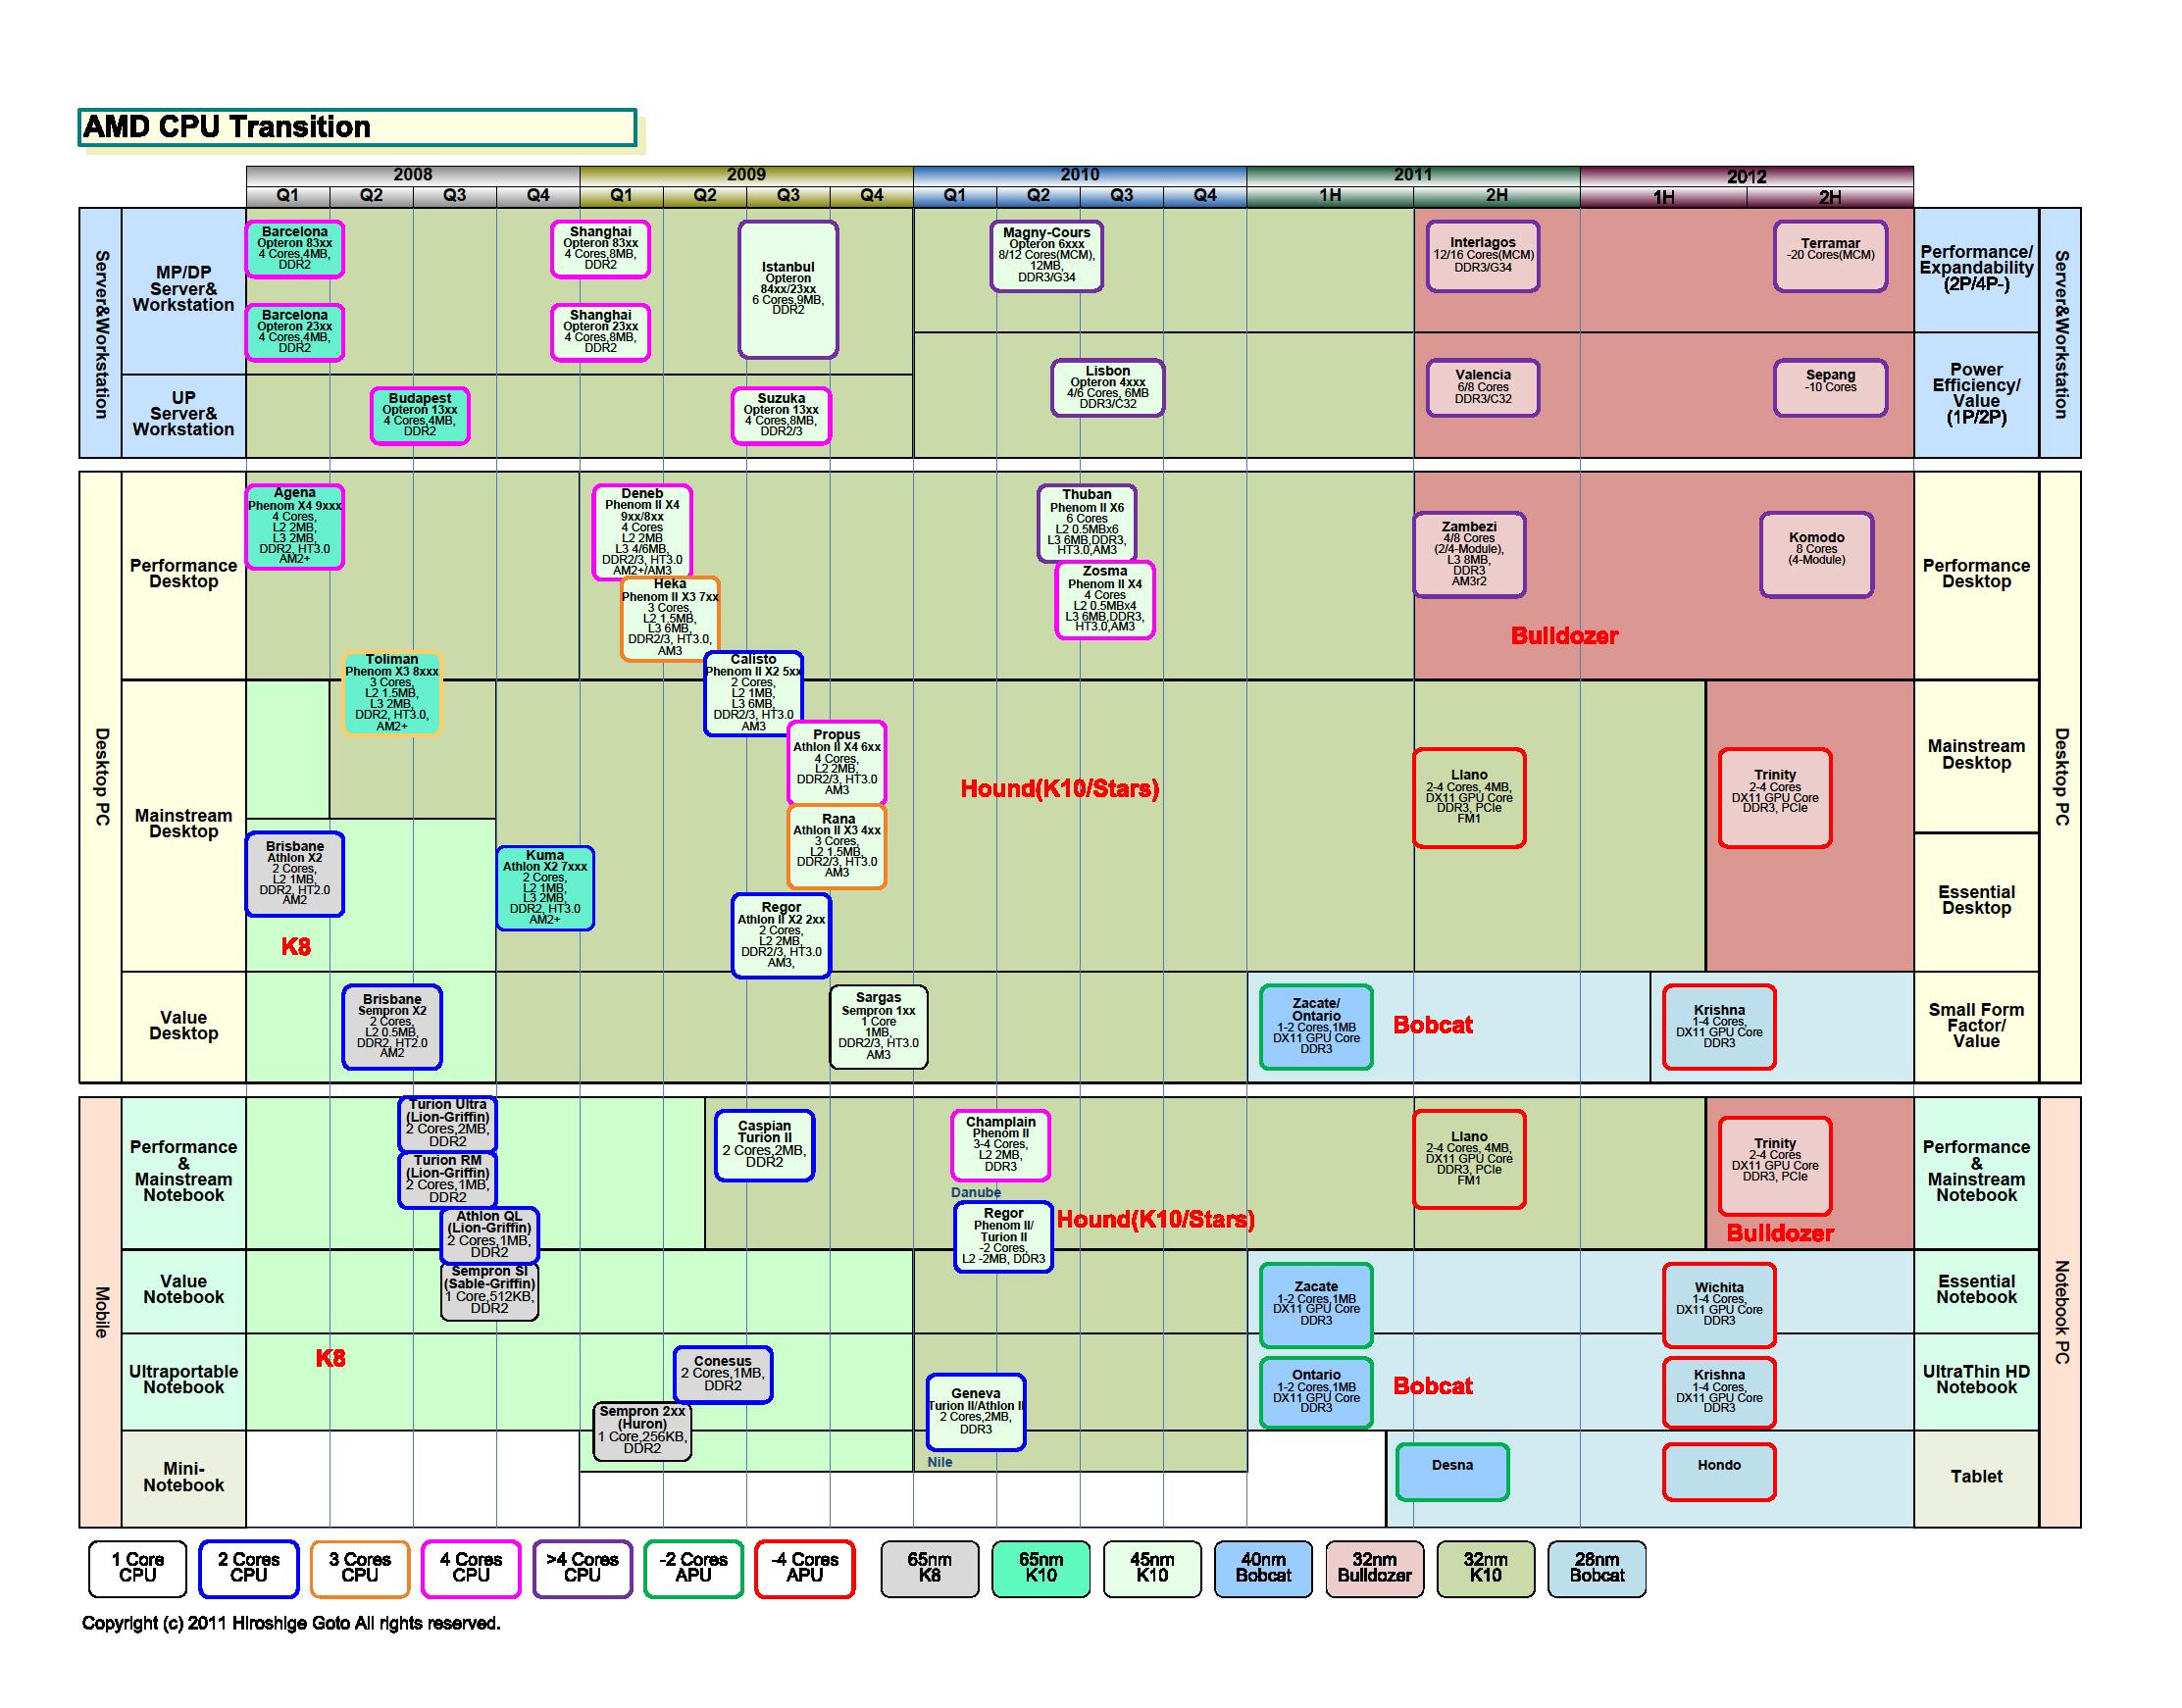 """AMD CPUの移行<br>PDF版は<a href=""""/video/pcw/docs/450/030/p5.pdf"""">こちら</a>"""